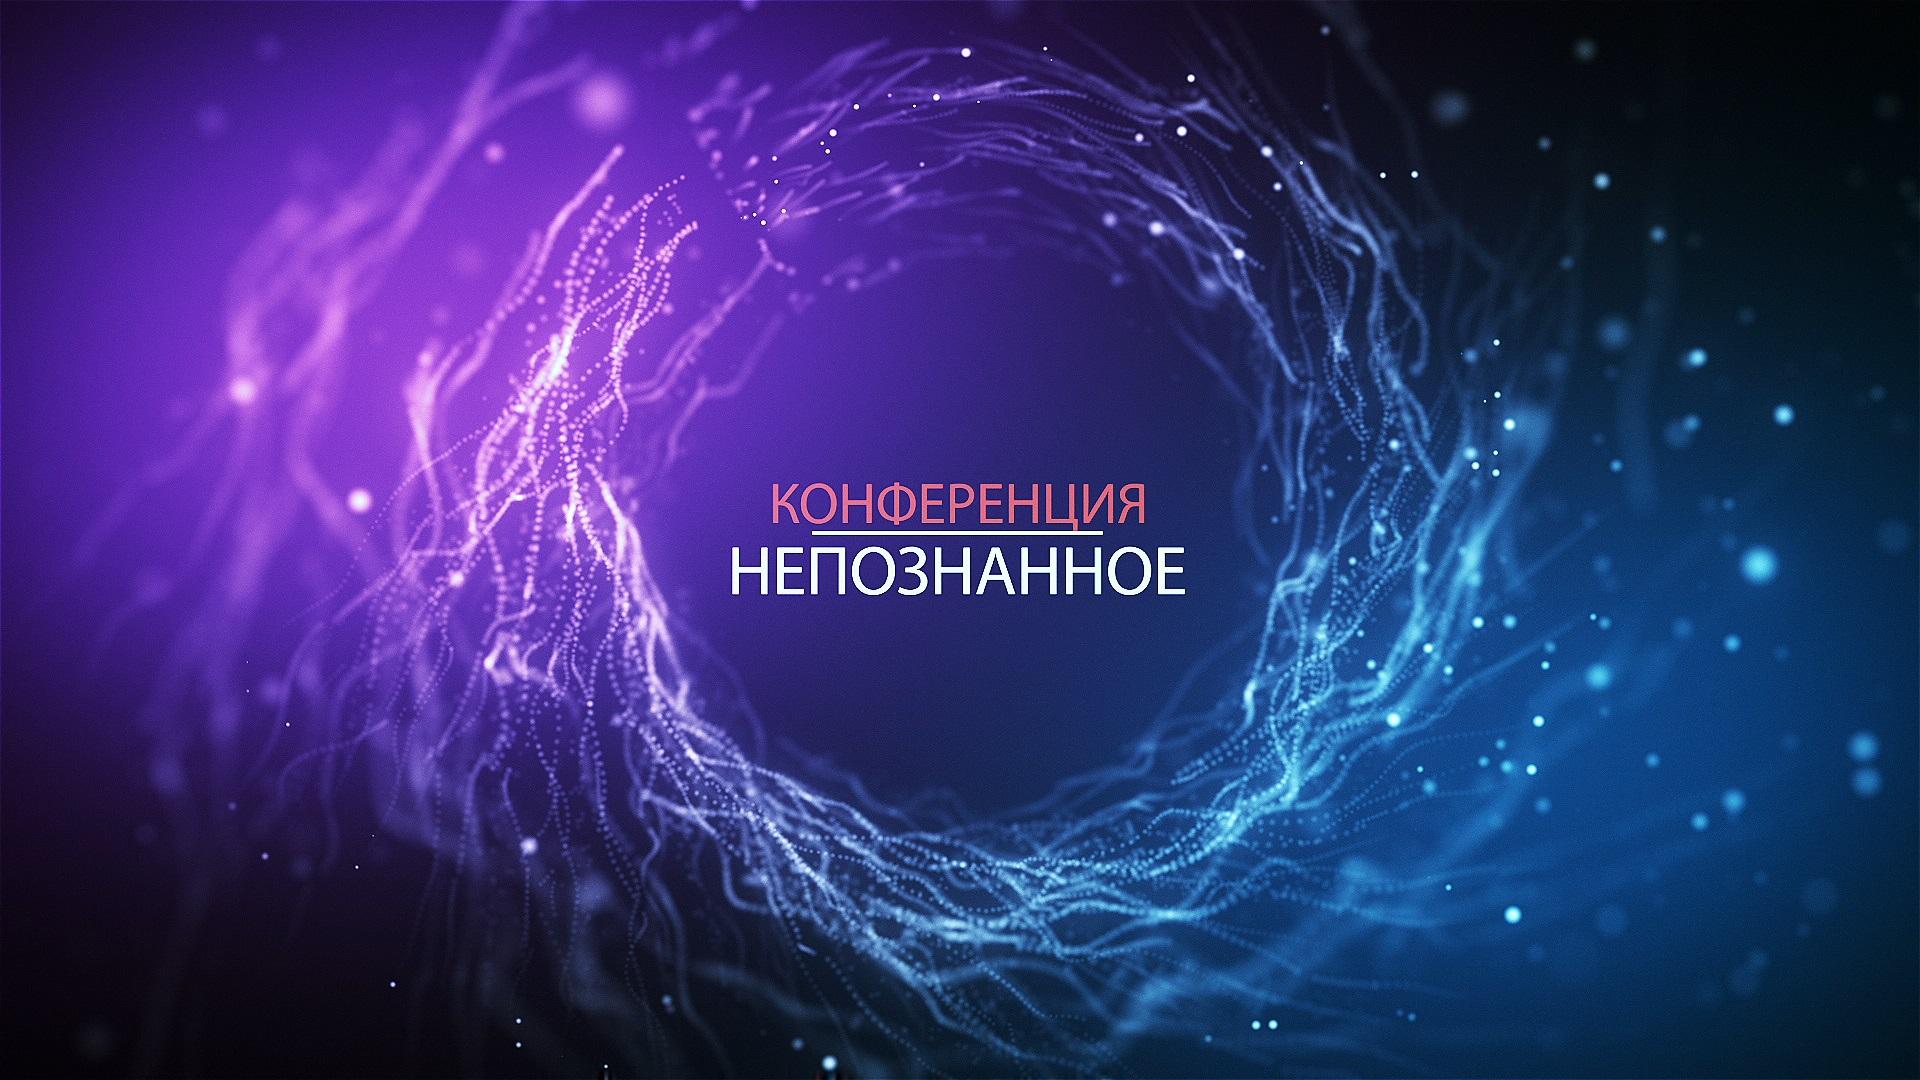 Непознанное (2018) Логотип